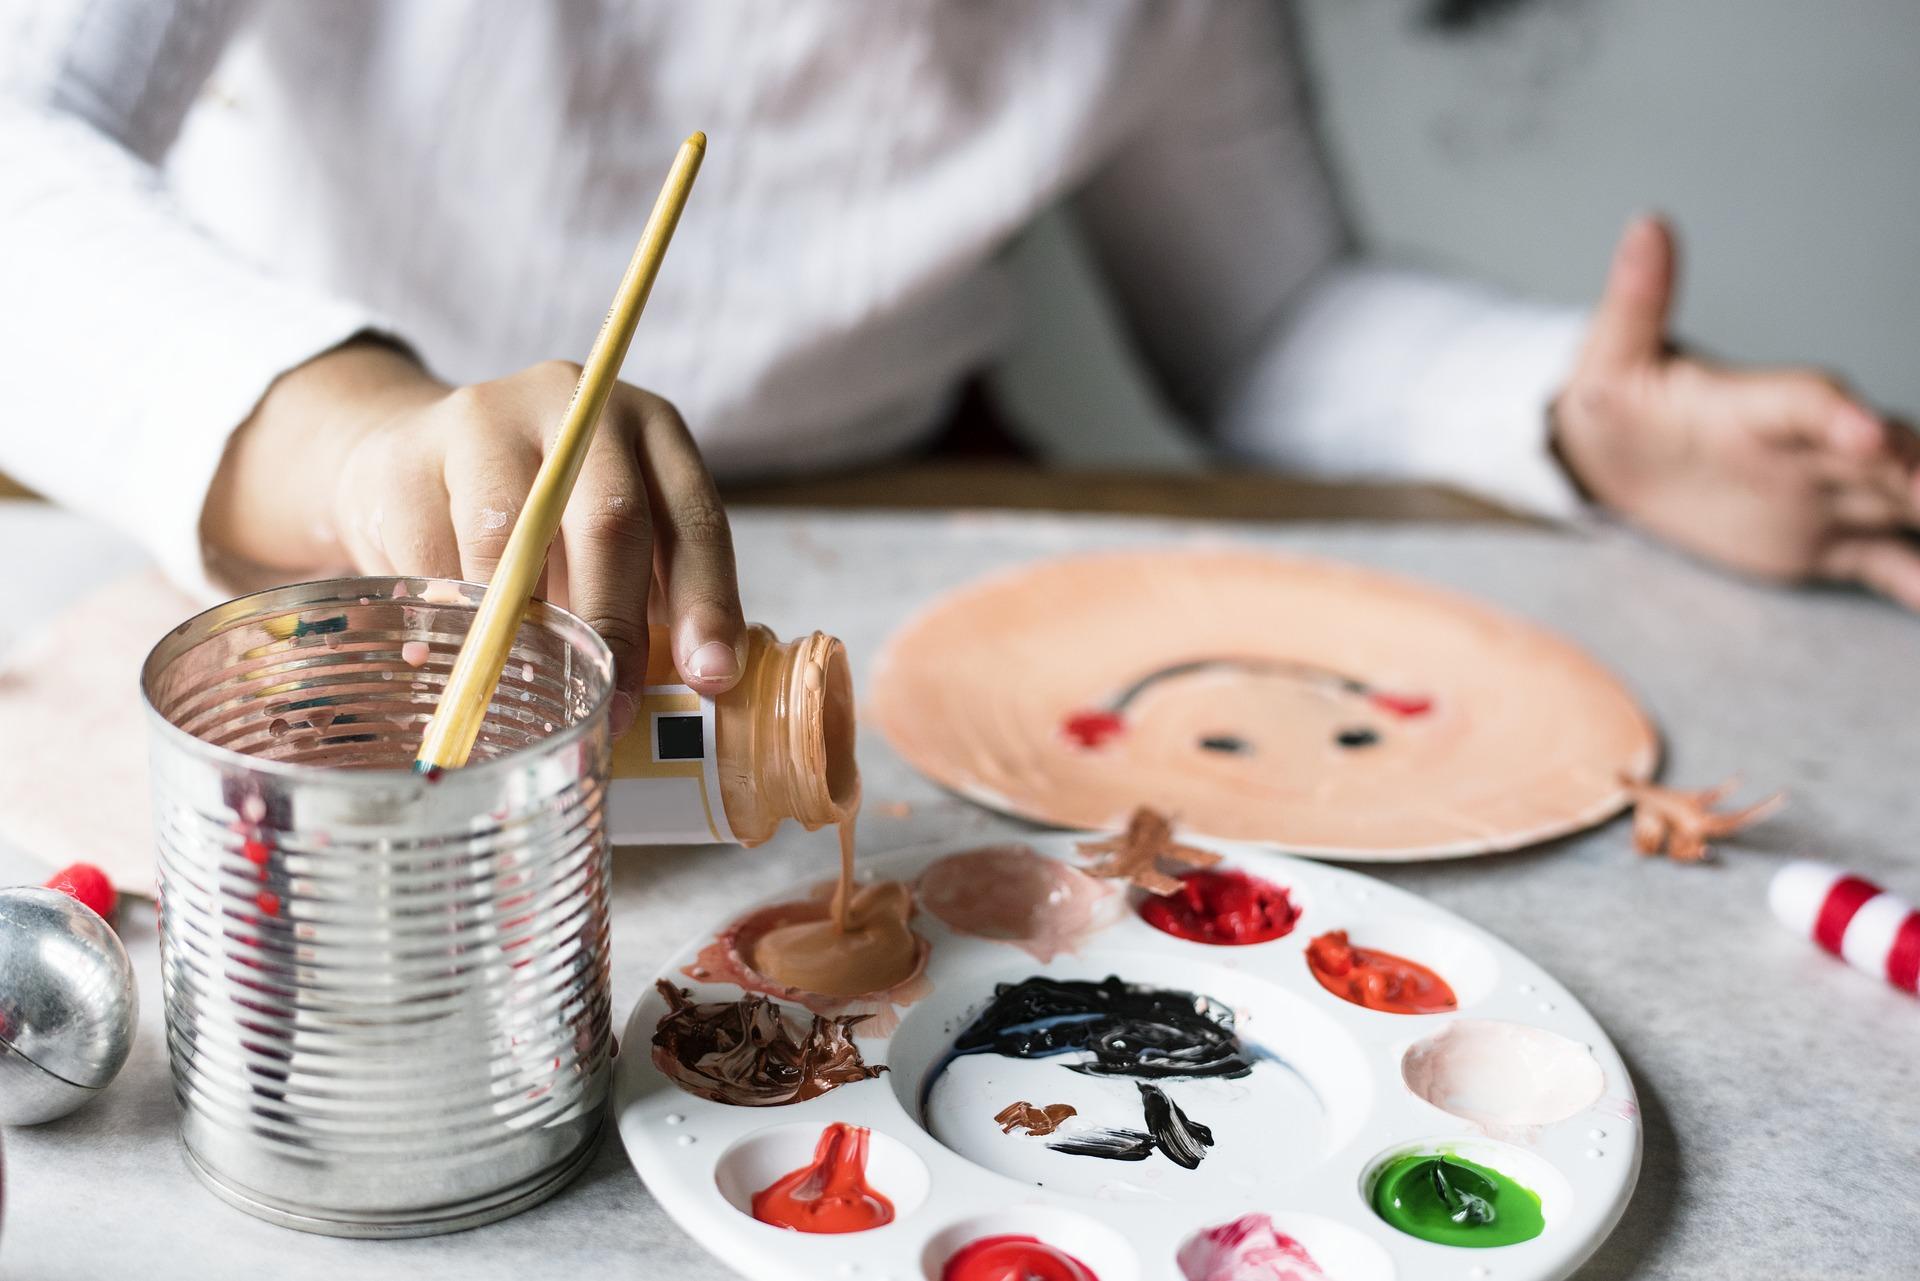 Einige Künstler verwenden Sativa um ihre Kreativität anzuregen.